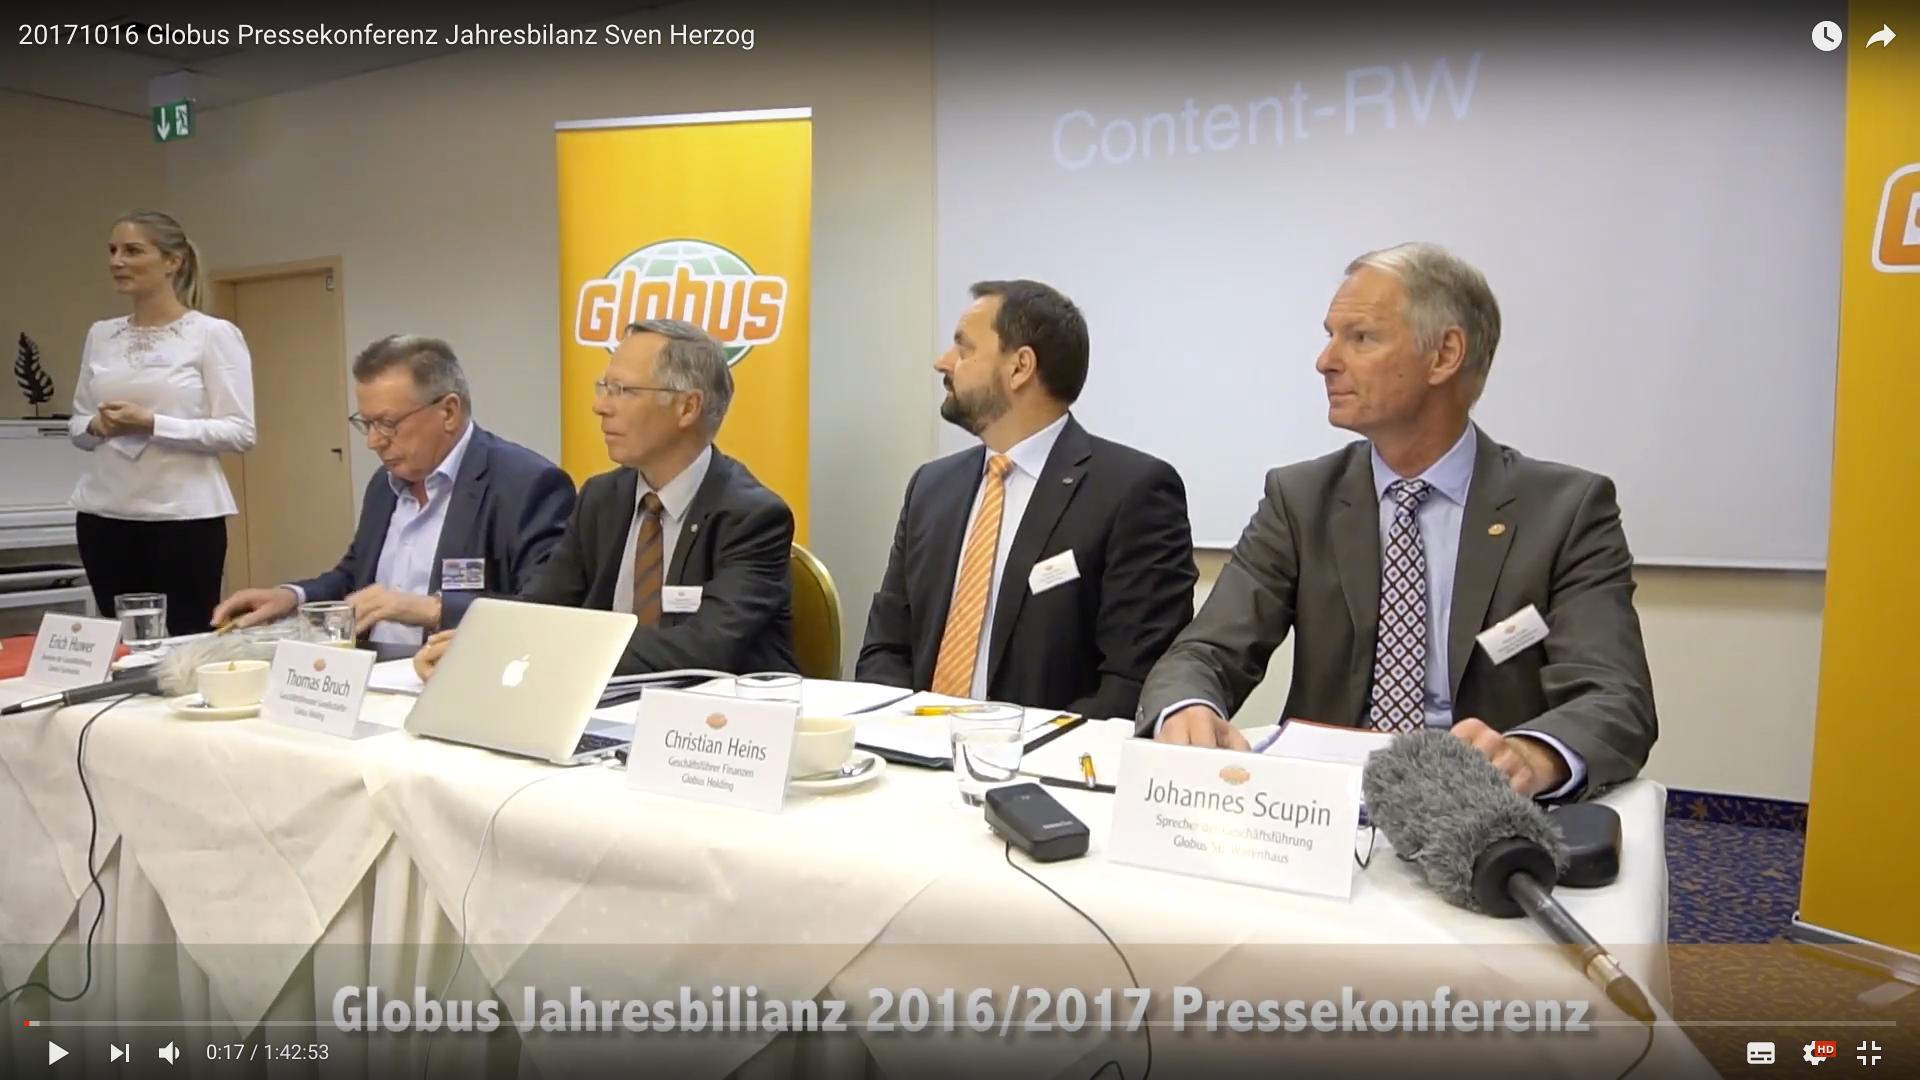 2017 Globus Pressekonferenz Jahresbilanz Sprecher_MSM_MEDIEN_SAAR_MOSEL_SAARLAND_FERNSEHEN_1_ED_SAAR